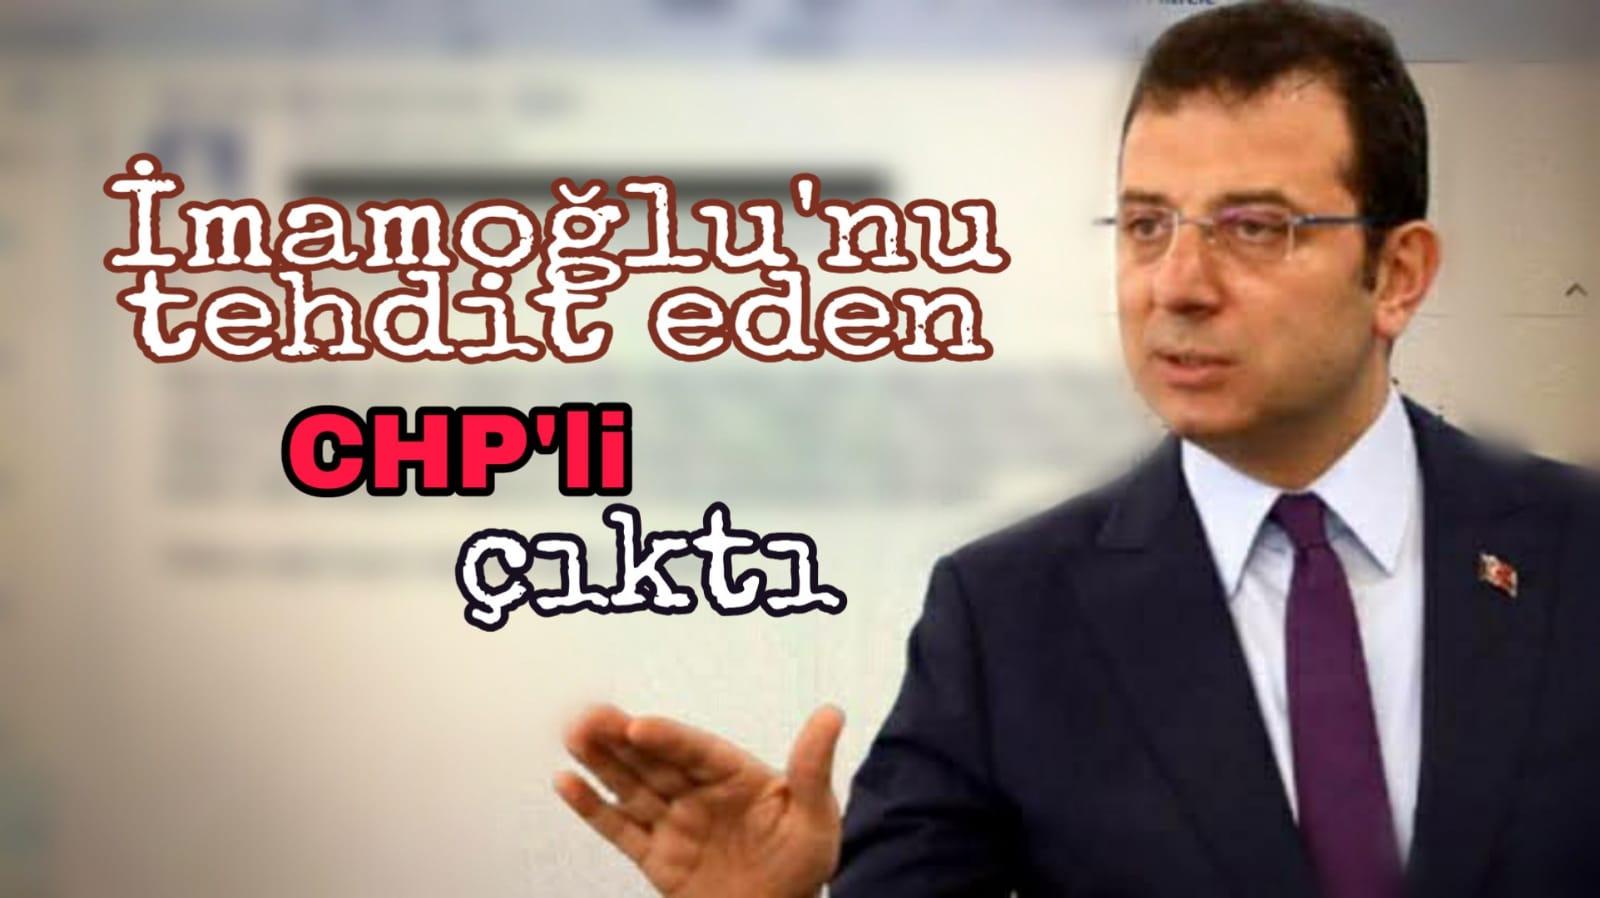 İmamoğlu'nu tehdit eden CHP'li çıktı